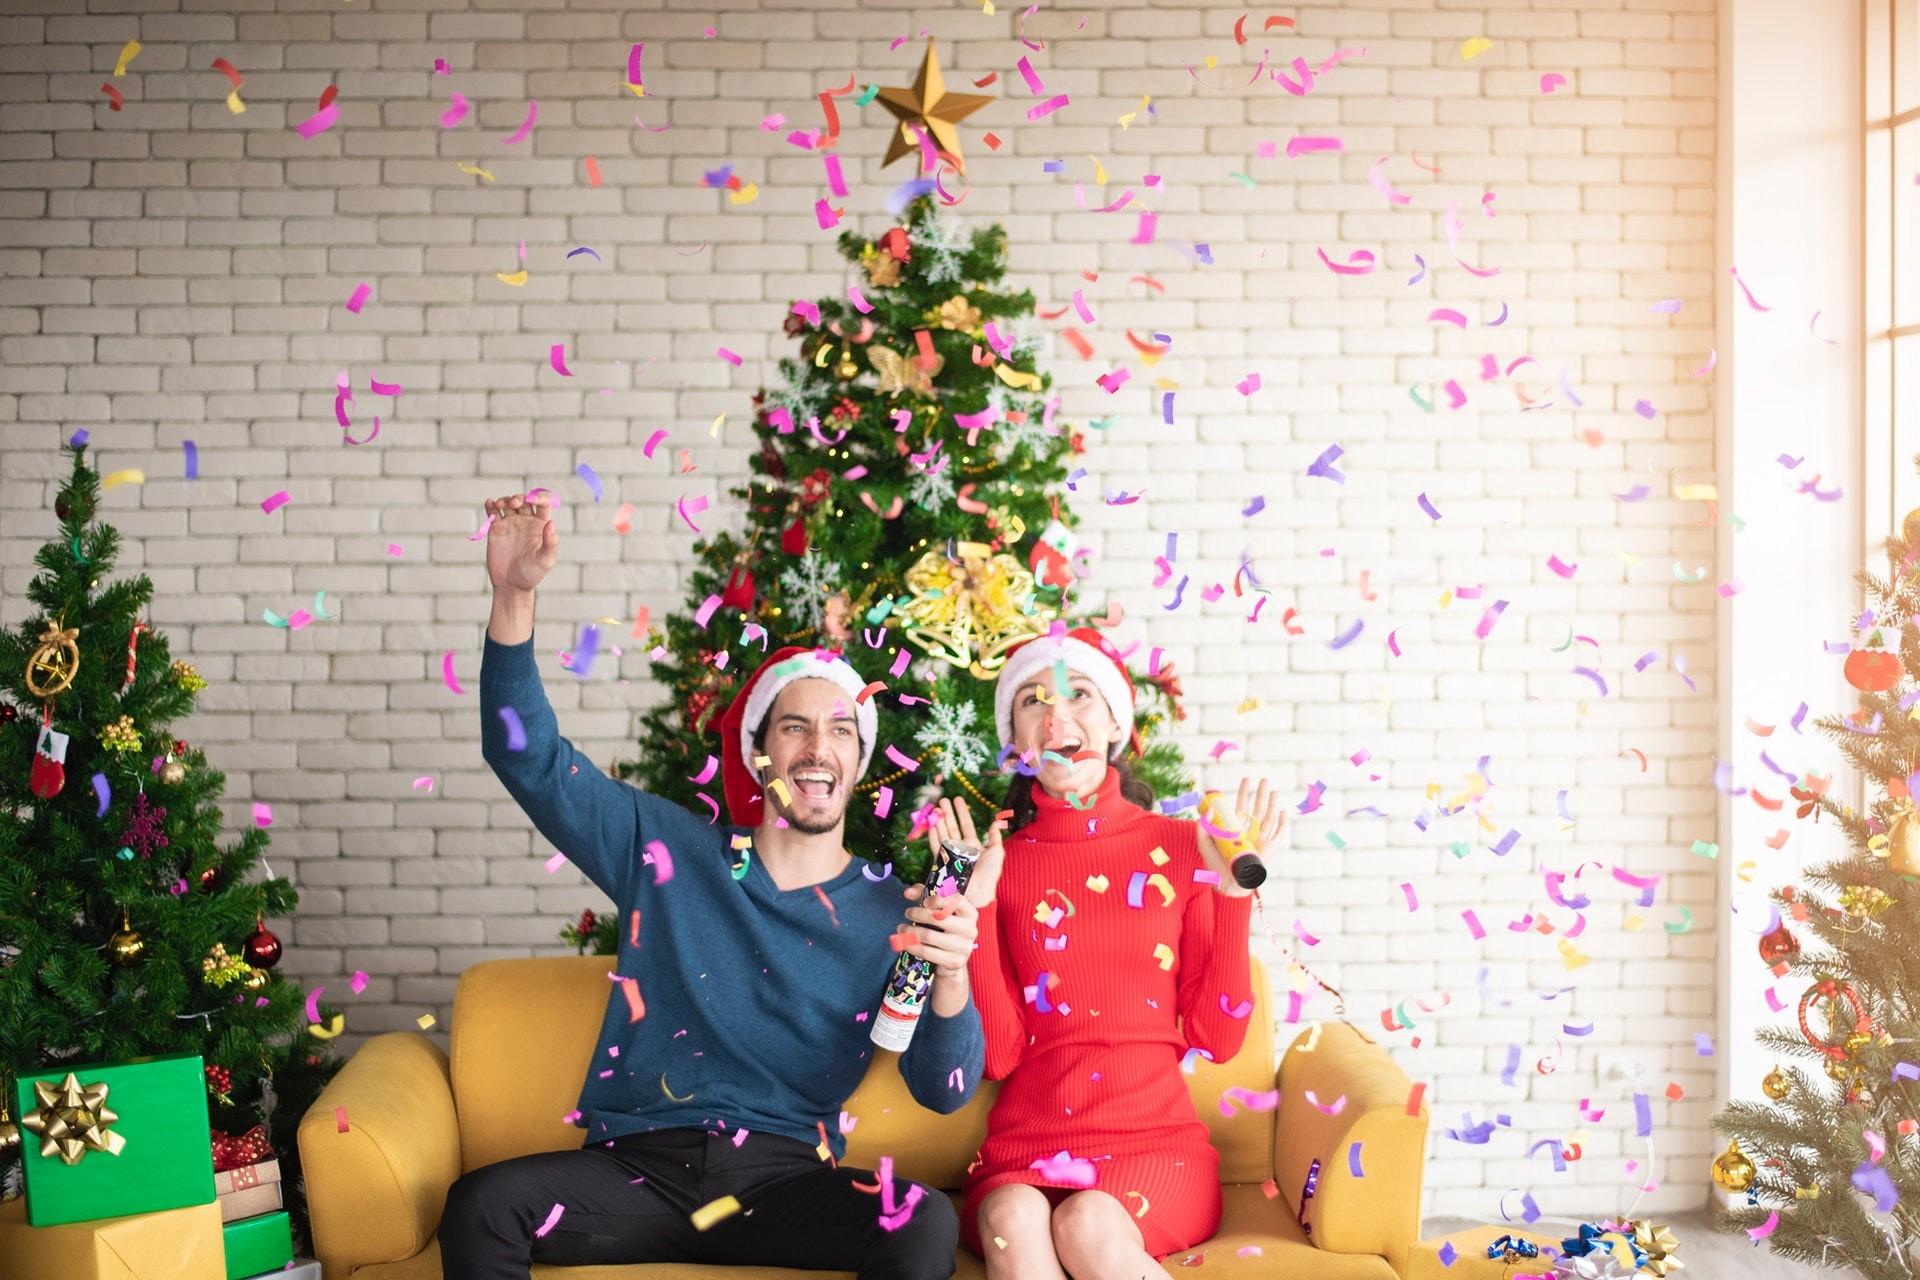 Сценарий на Новый год 2020 дома в кругу семьи